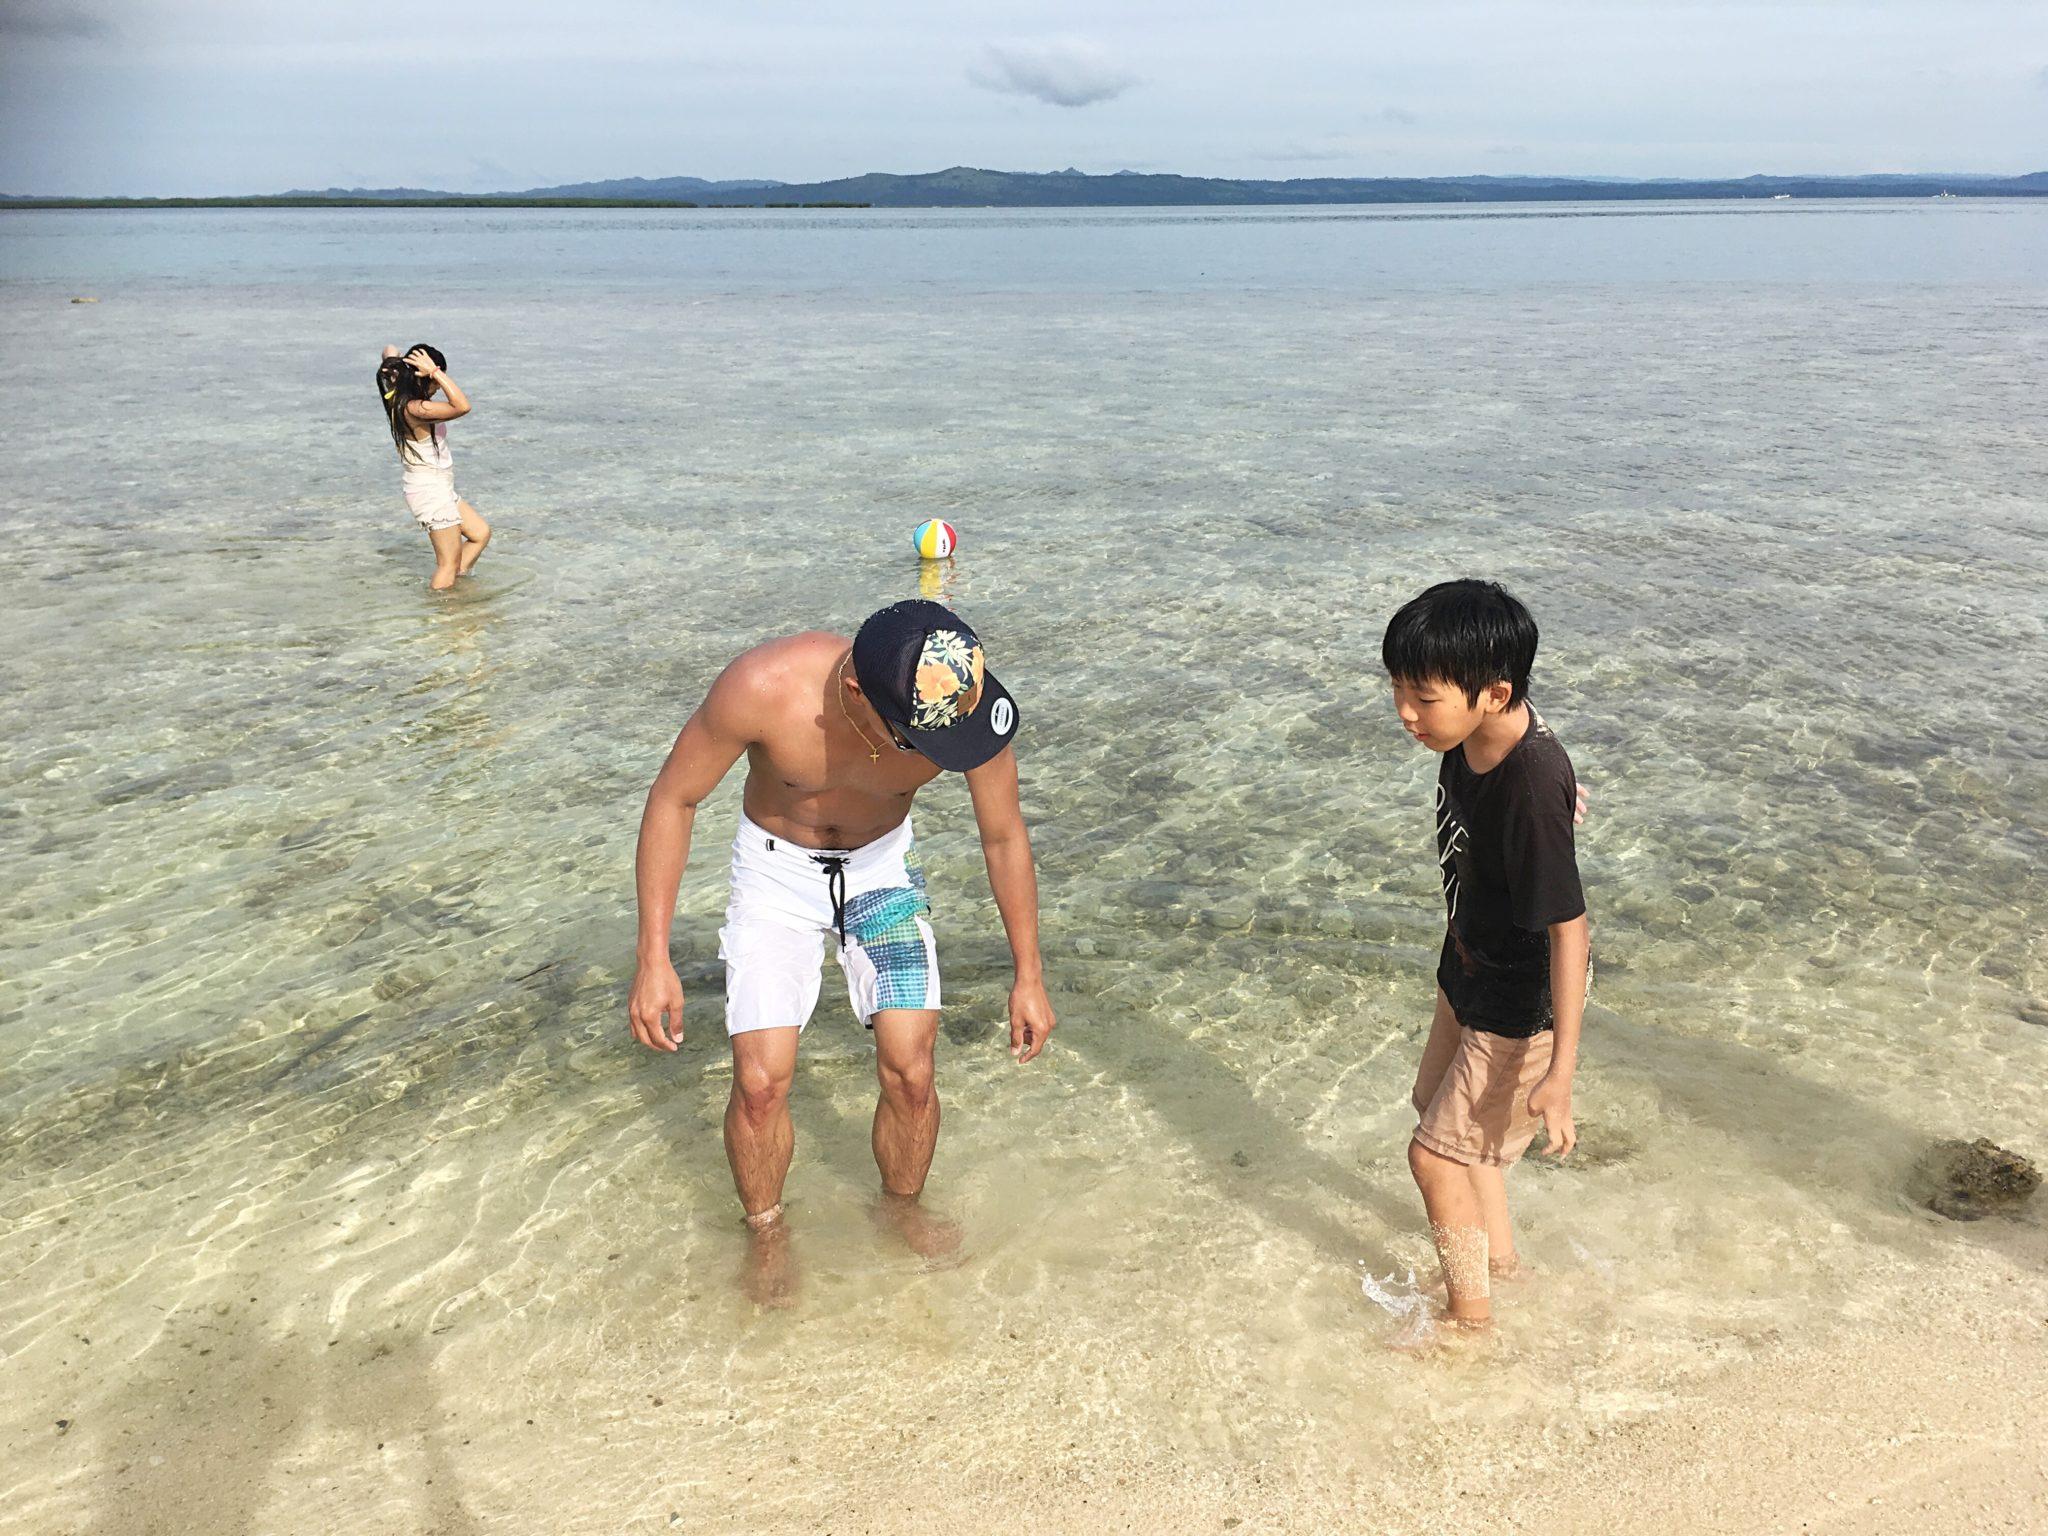 パンダノン島のビーチで遊ぶ